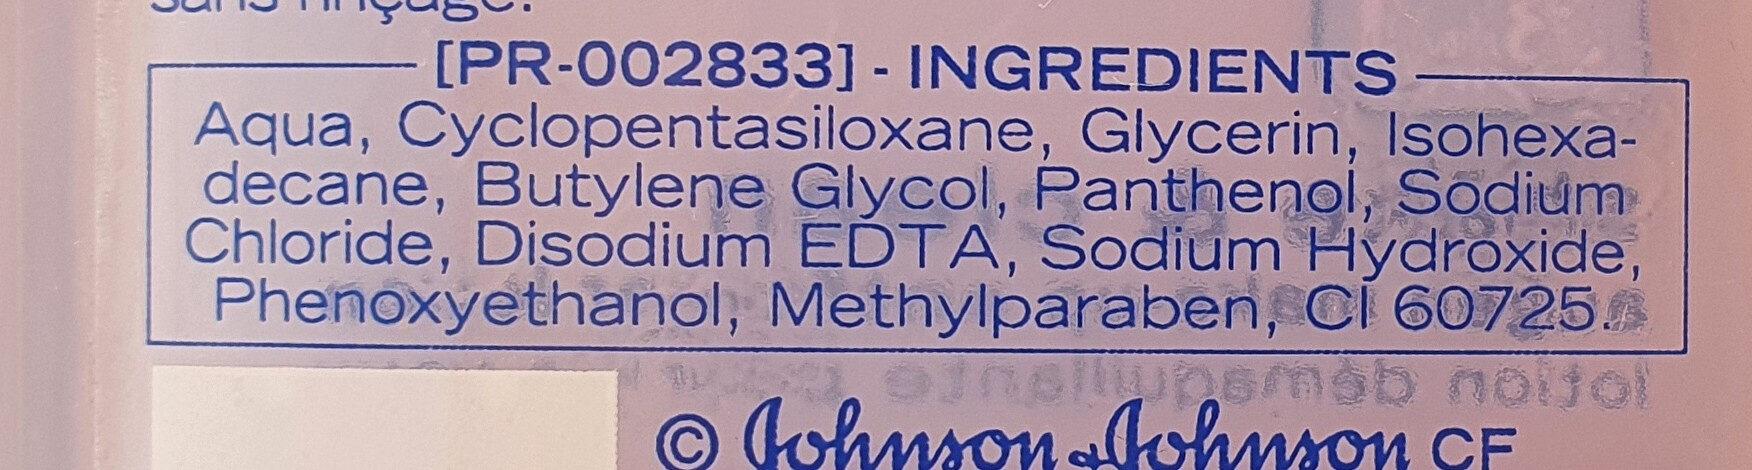 3in1 shake and clean augen make-up entferner lotion - Ingredients - de